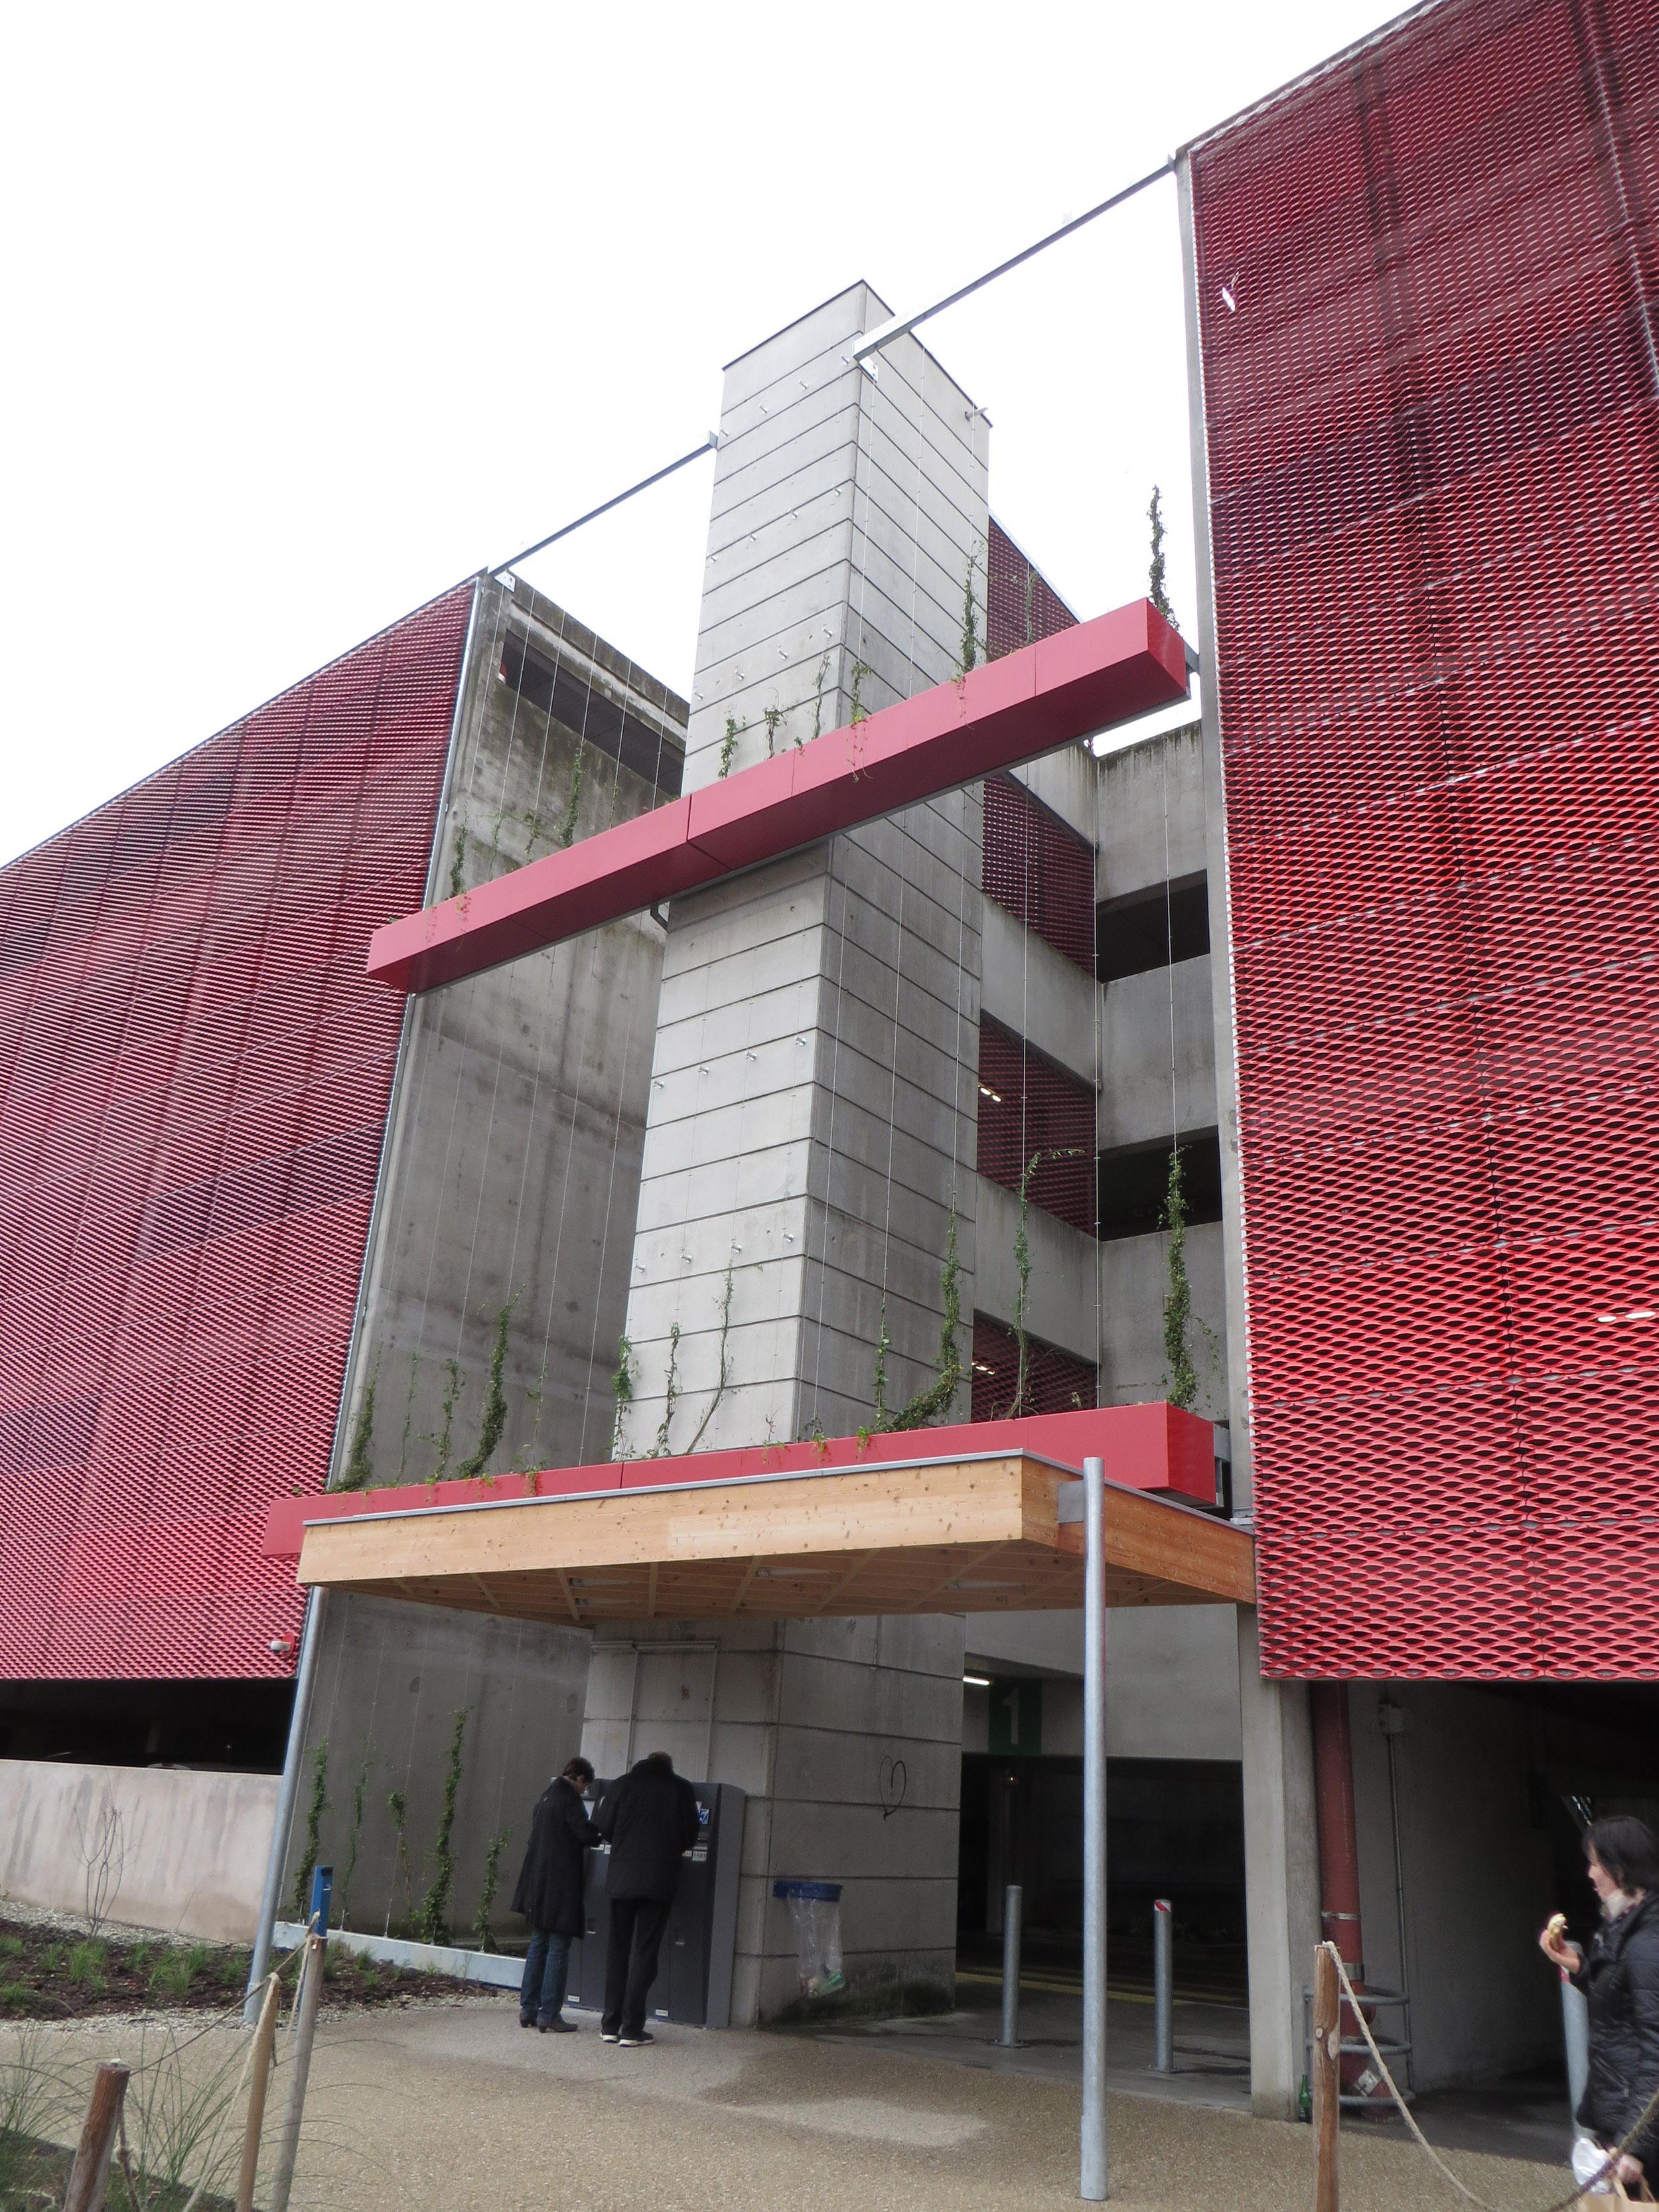 http://iups.eu/wp-content/uploads/2017/01/végétalisation-façade-parking-UGC-cité-ciné-2.jpg